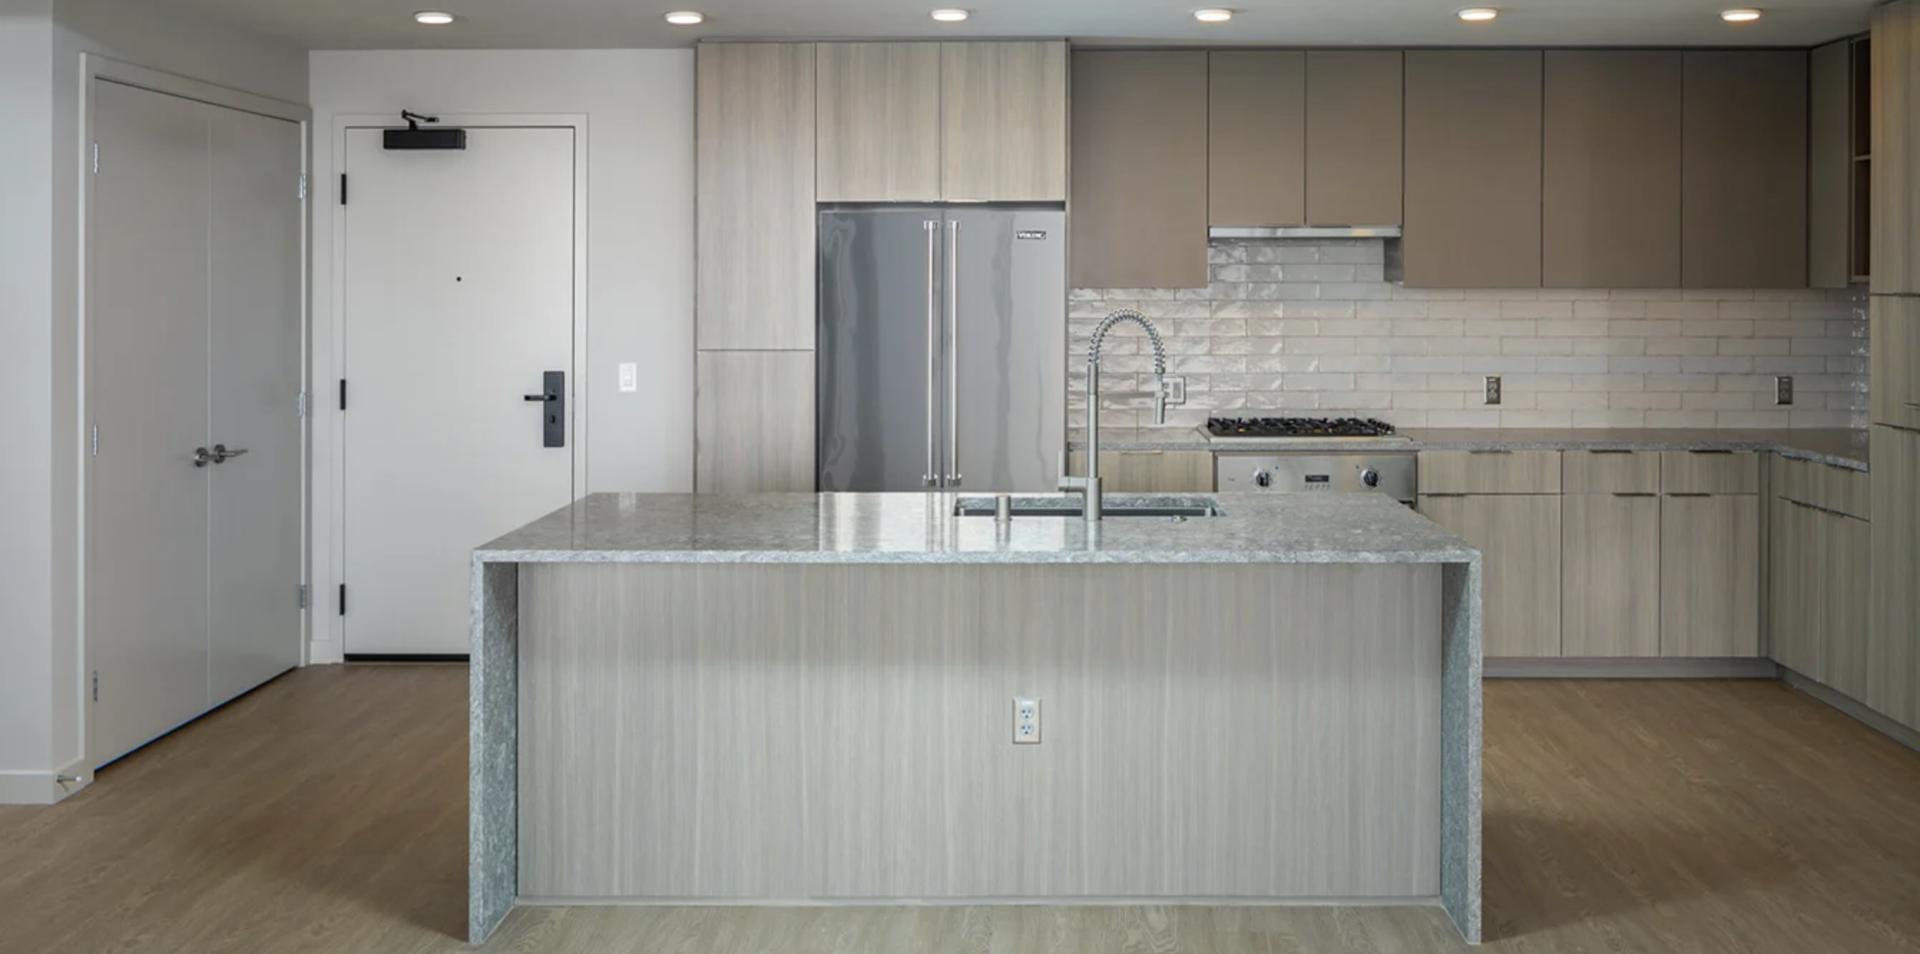 601 11th Avenue #1412, San Diego, CA - $4,725 USD/ month